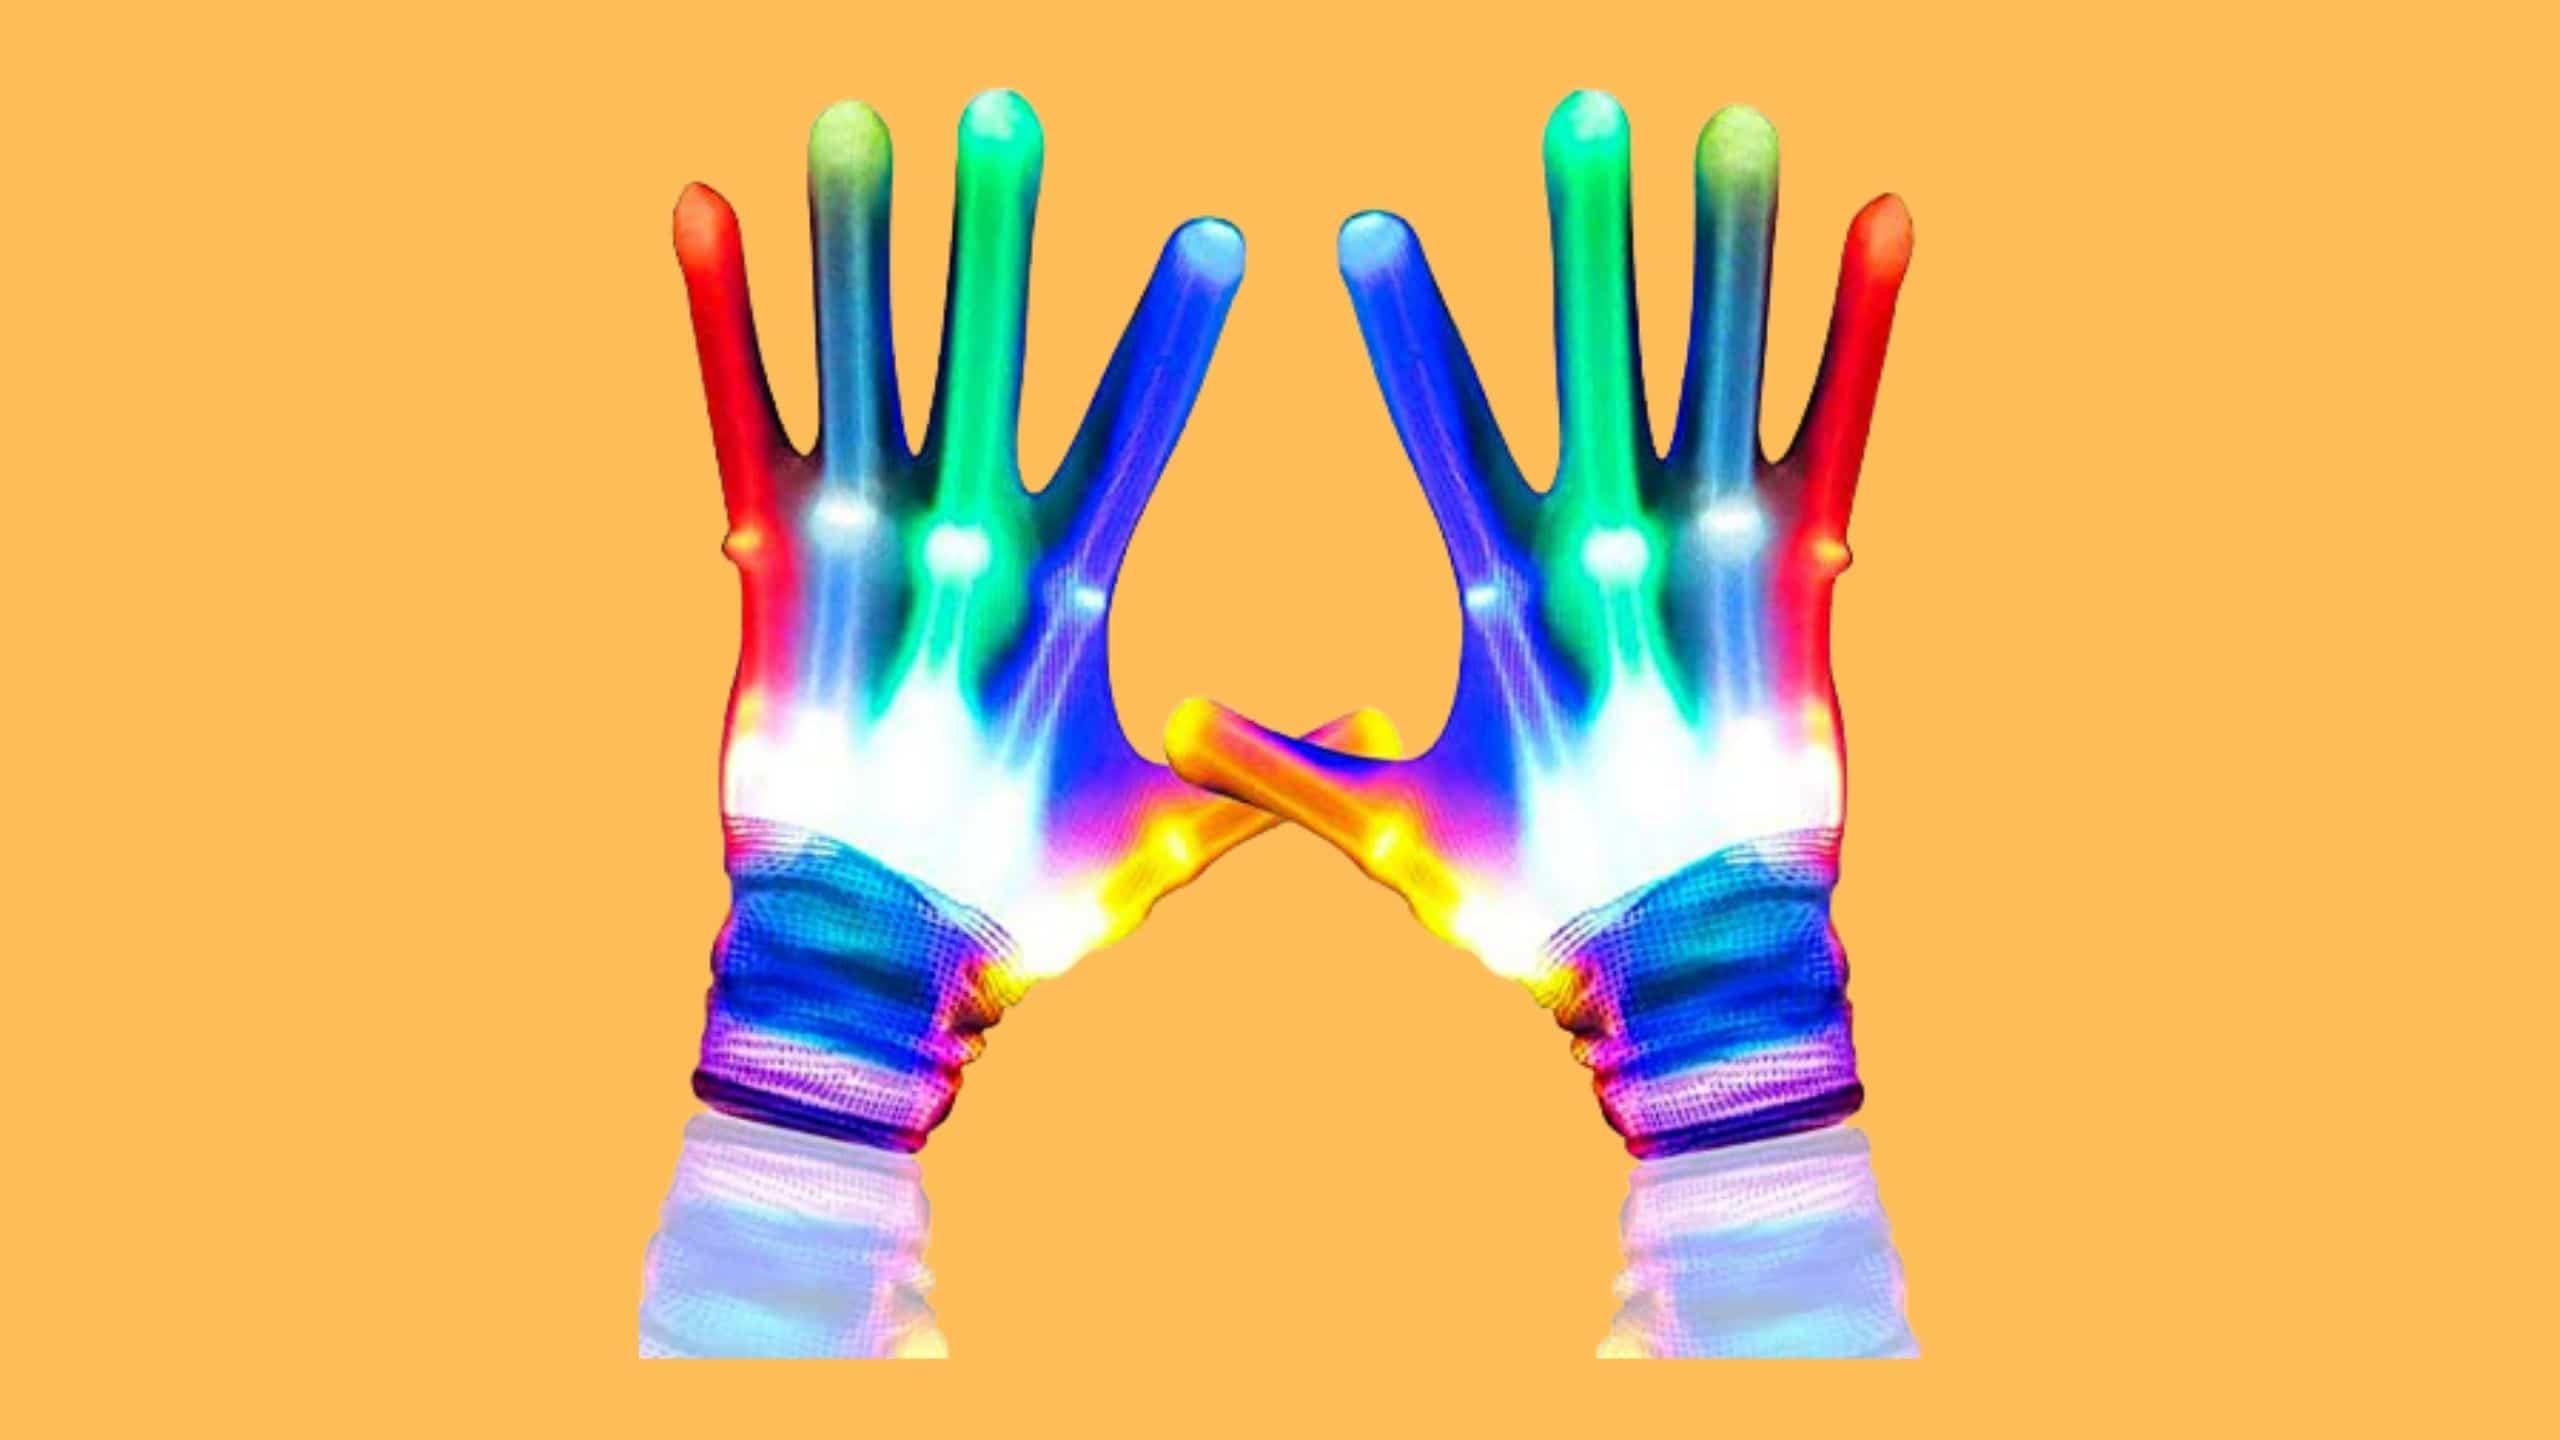 TTMOW's LED Finger lights